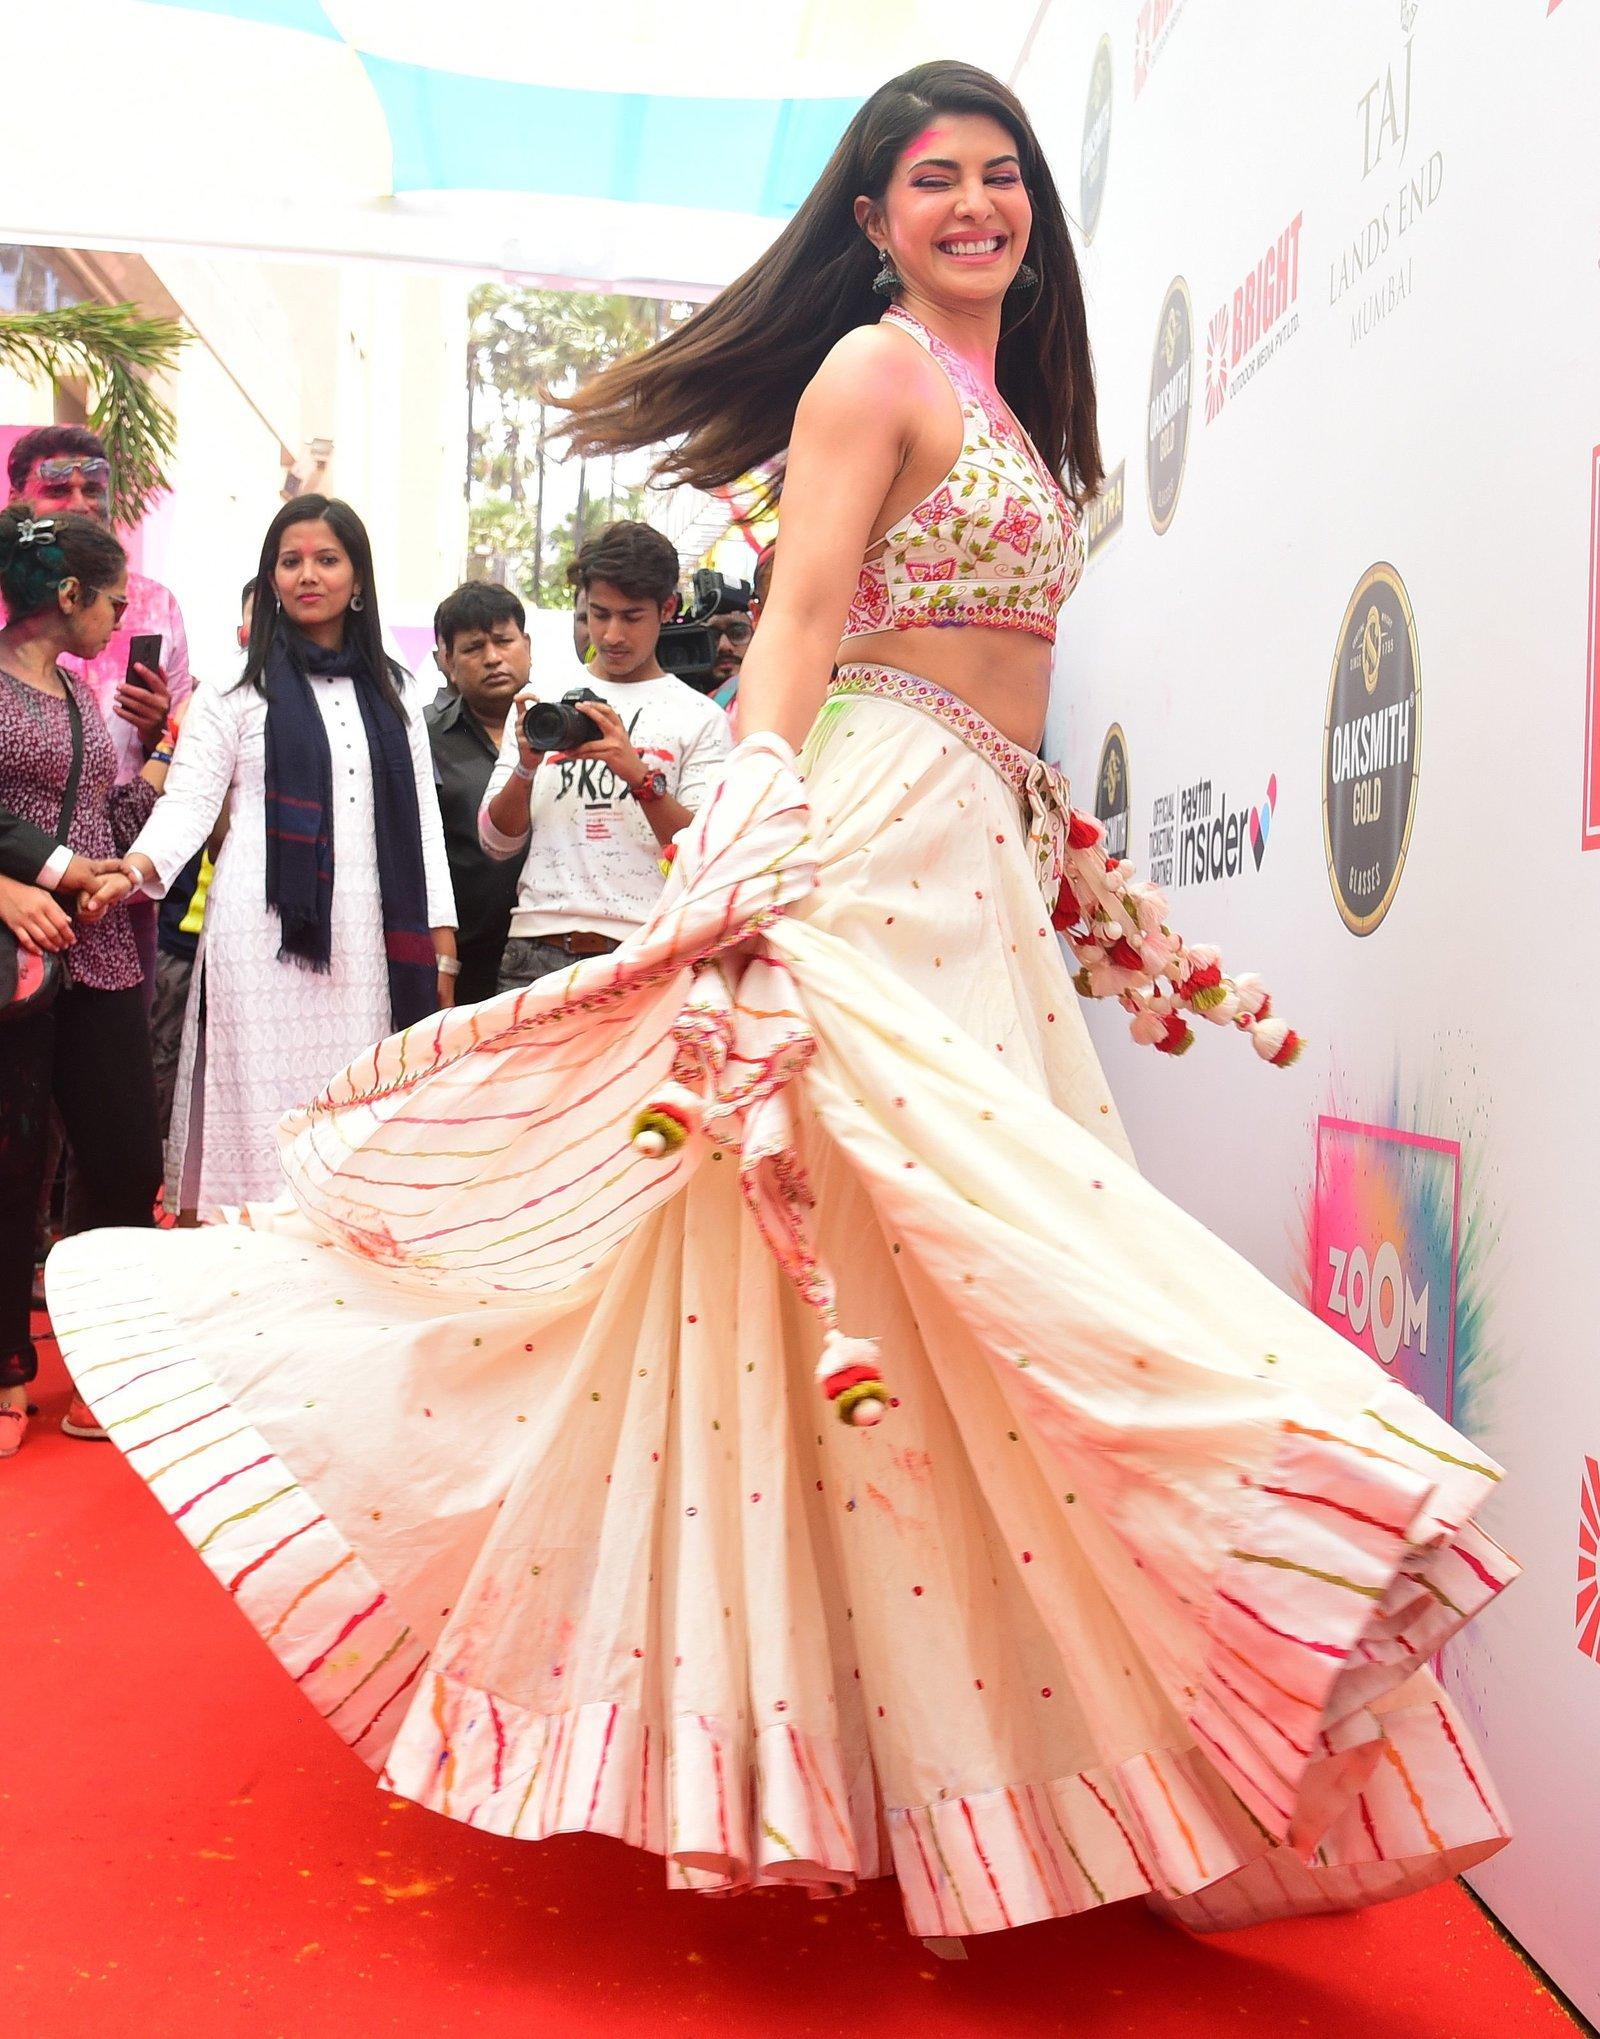 Jacqueline Fernandez - Photos: Zoom Holi Party 2020 At Taj Lands End | Picture 1725831